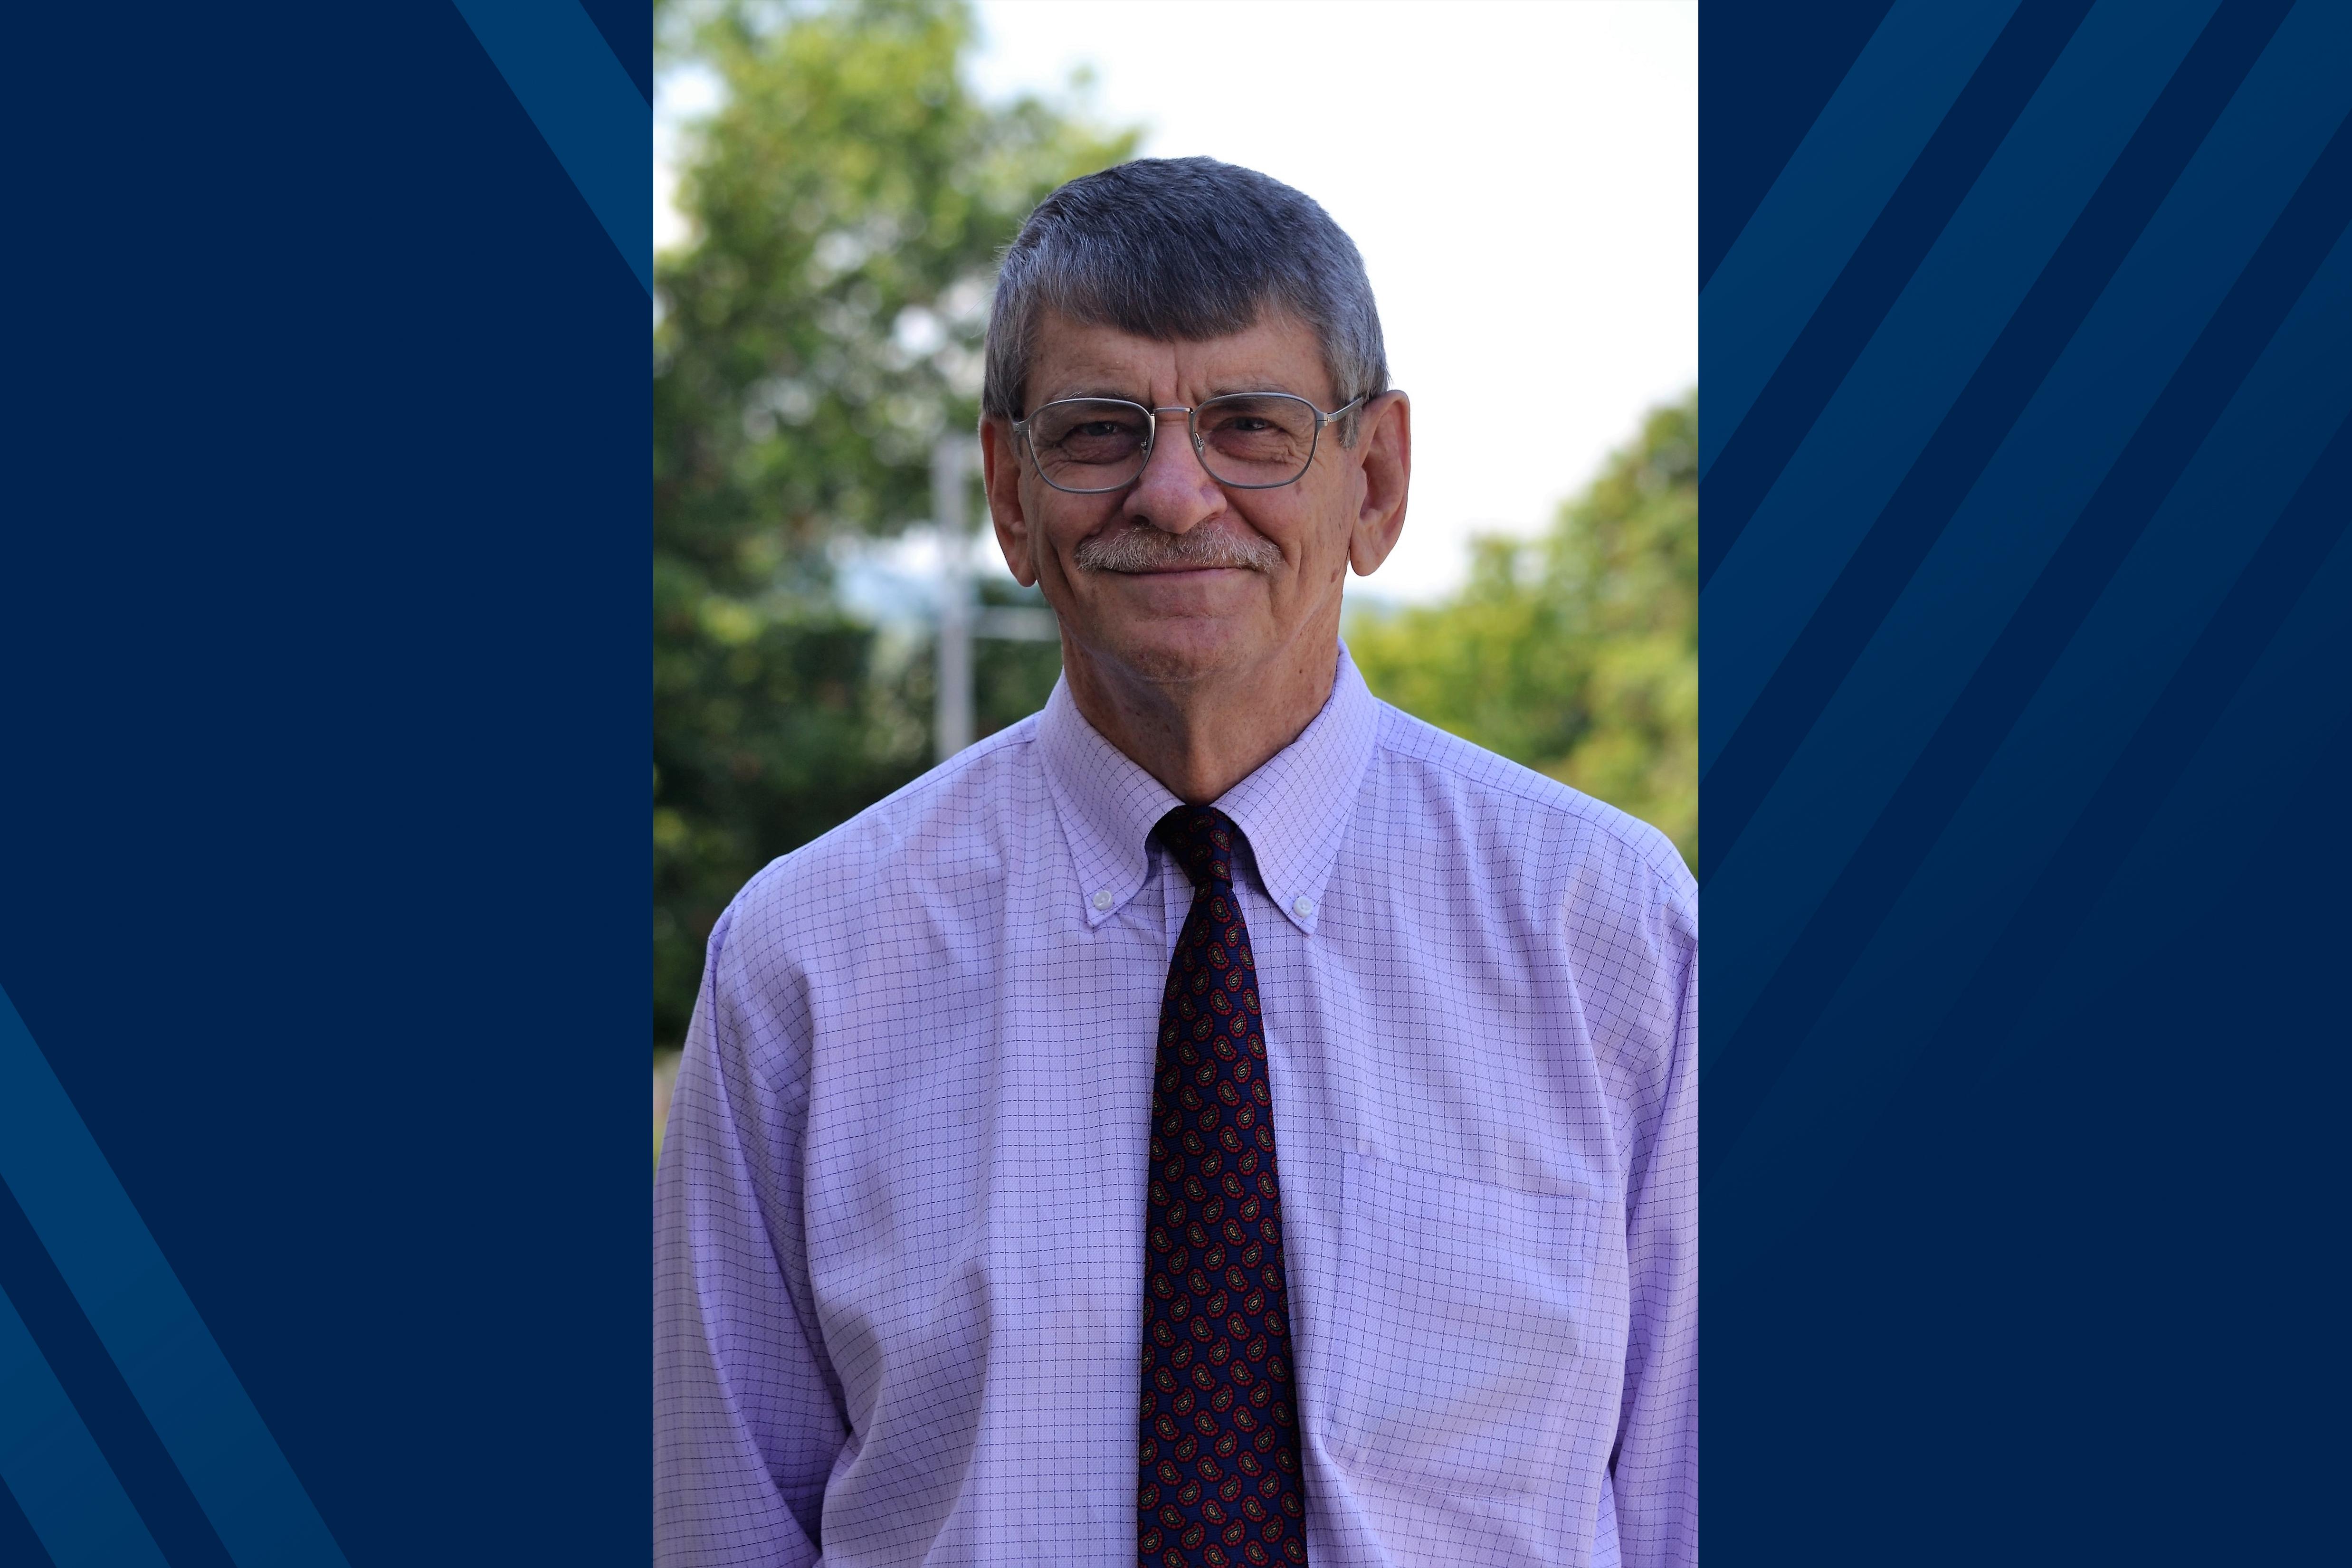 Portrait of Dr. Ian Rockett on blue background